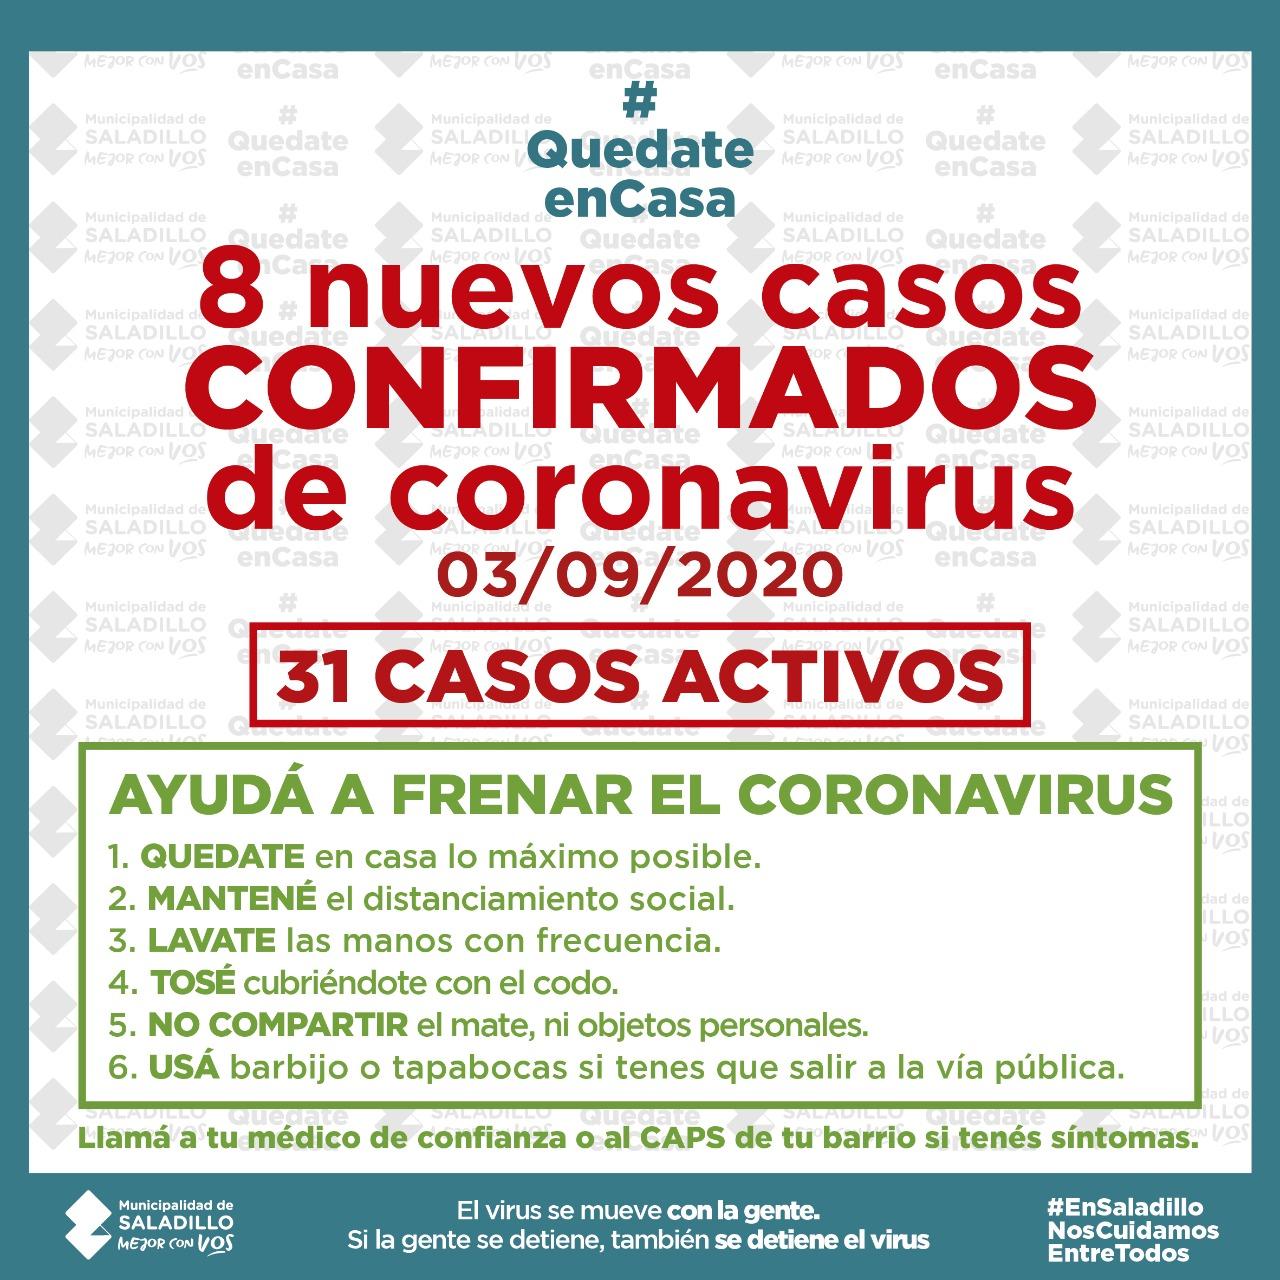 SITUACIÓN EPIDEMIOLÓGICA EN SALADILLO, ARGENTINA Y EL MUNDO al 03/09/2020